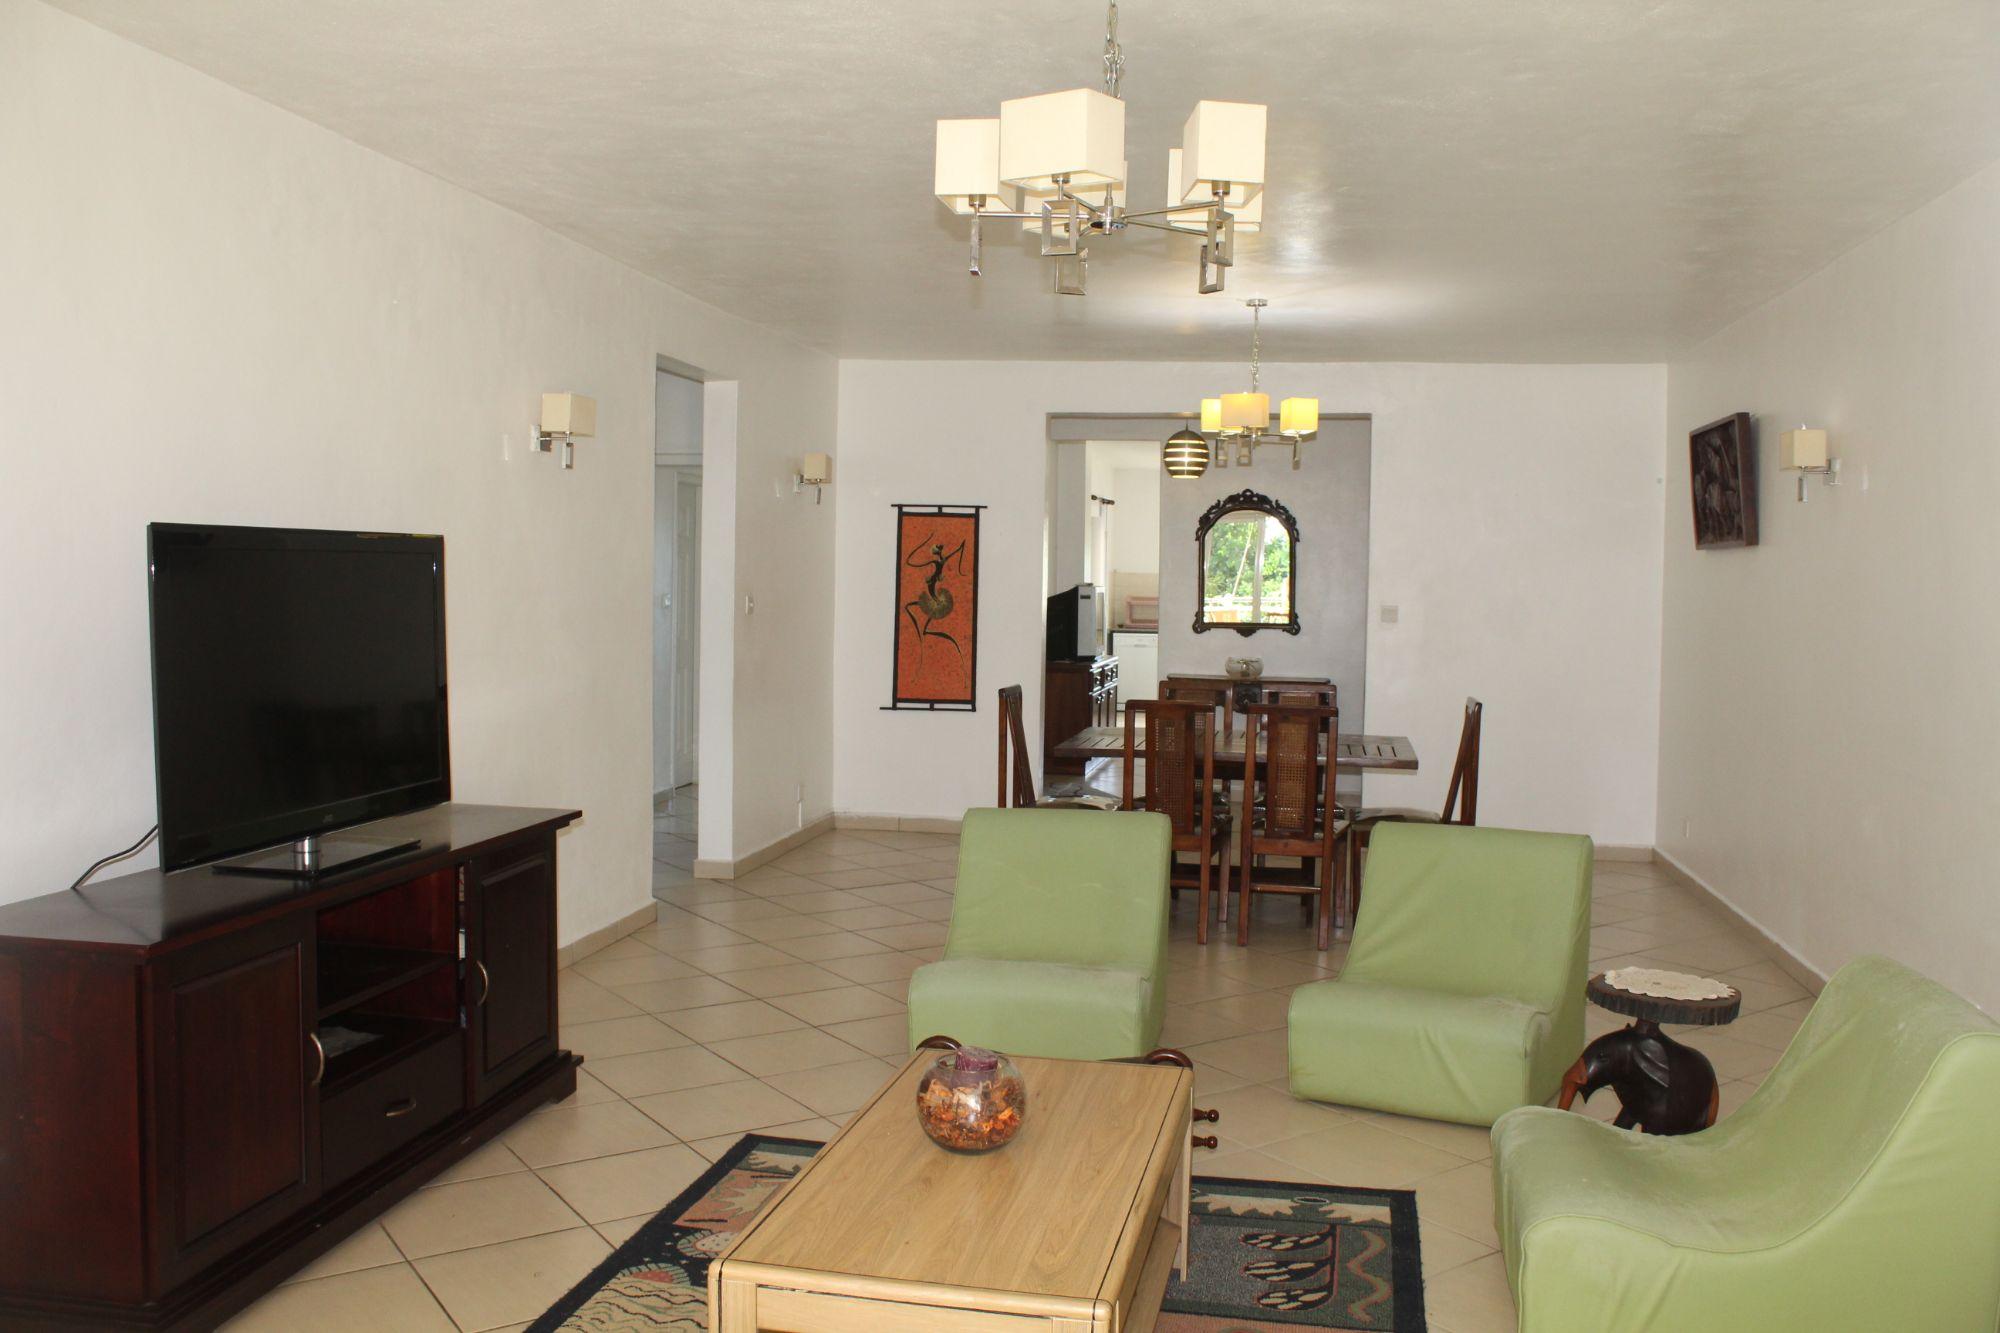 Magnifique appartement meublé et équipé de 210 m2 situé au 1er étage dans une résidence sécurisée 24/7 à Trianon